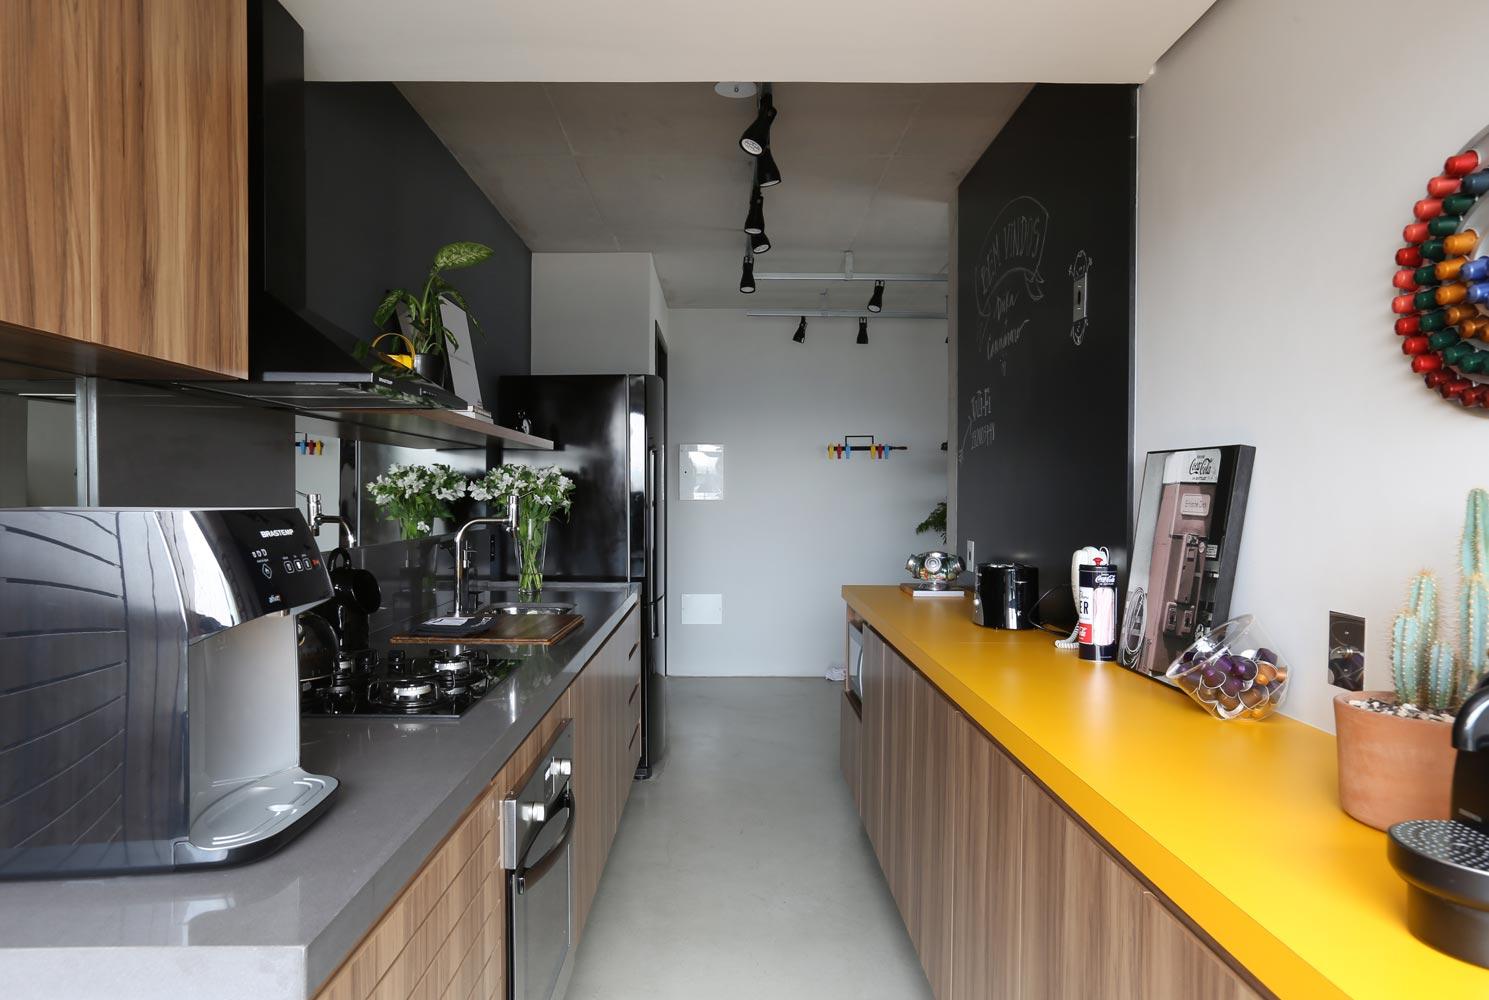 02b-apartamento-de-70-m2-com-estilo-industrial-e-marcenaria-bem-planejada